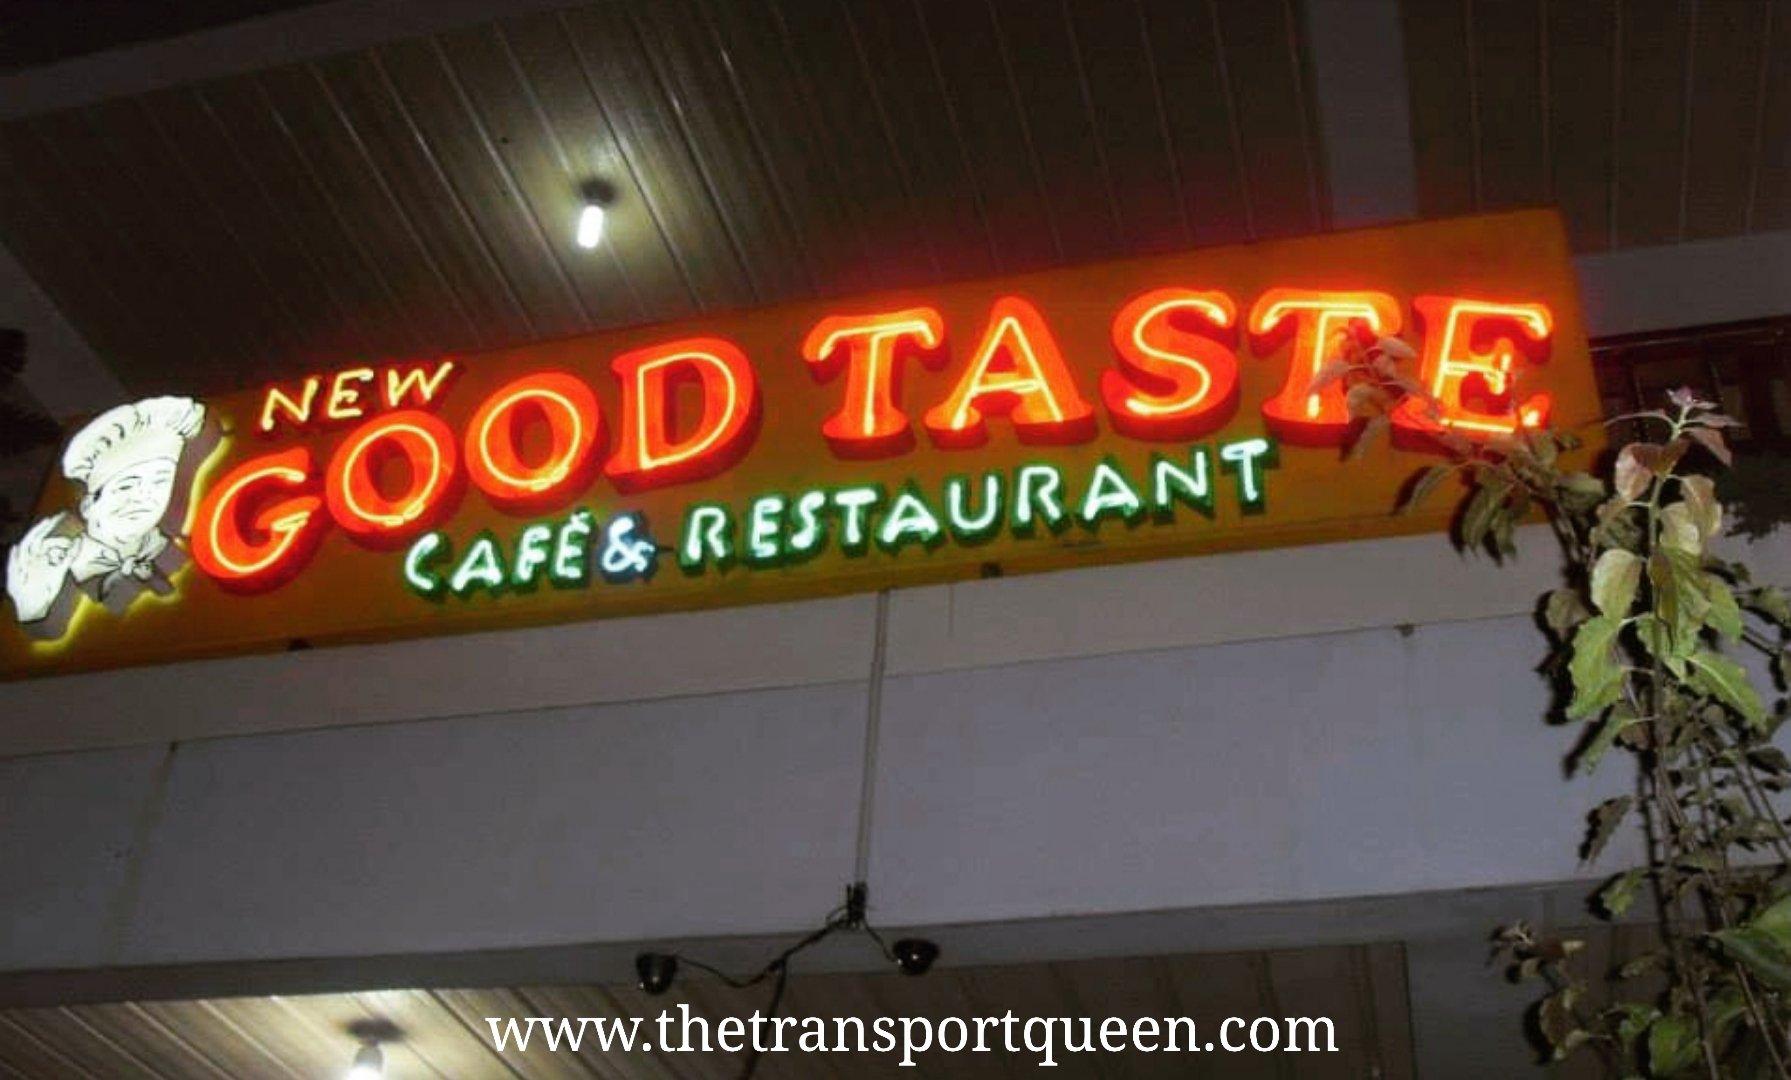 good taste6331202837387431583..jpg